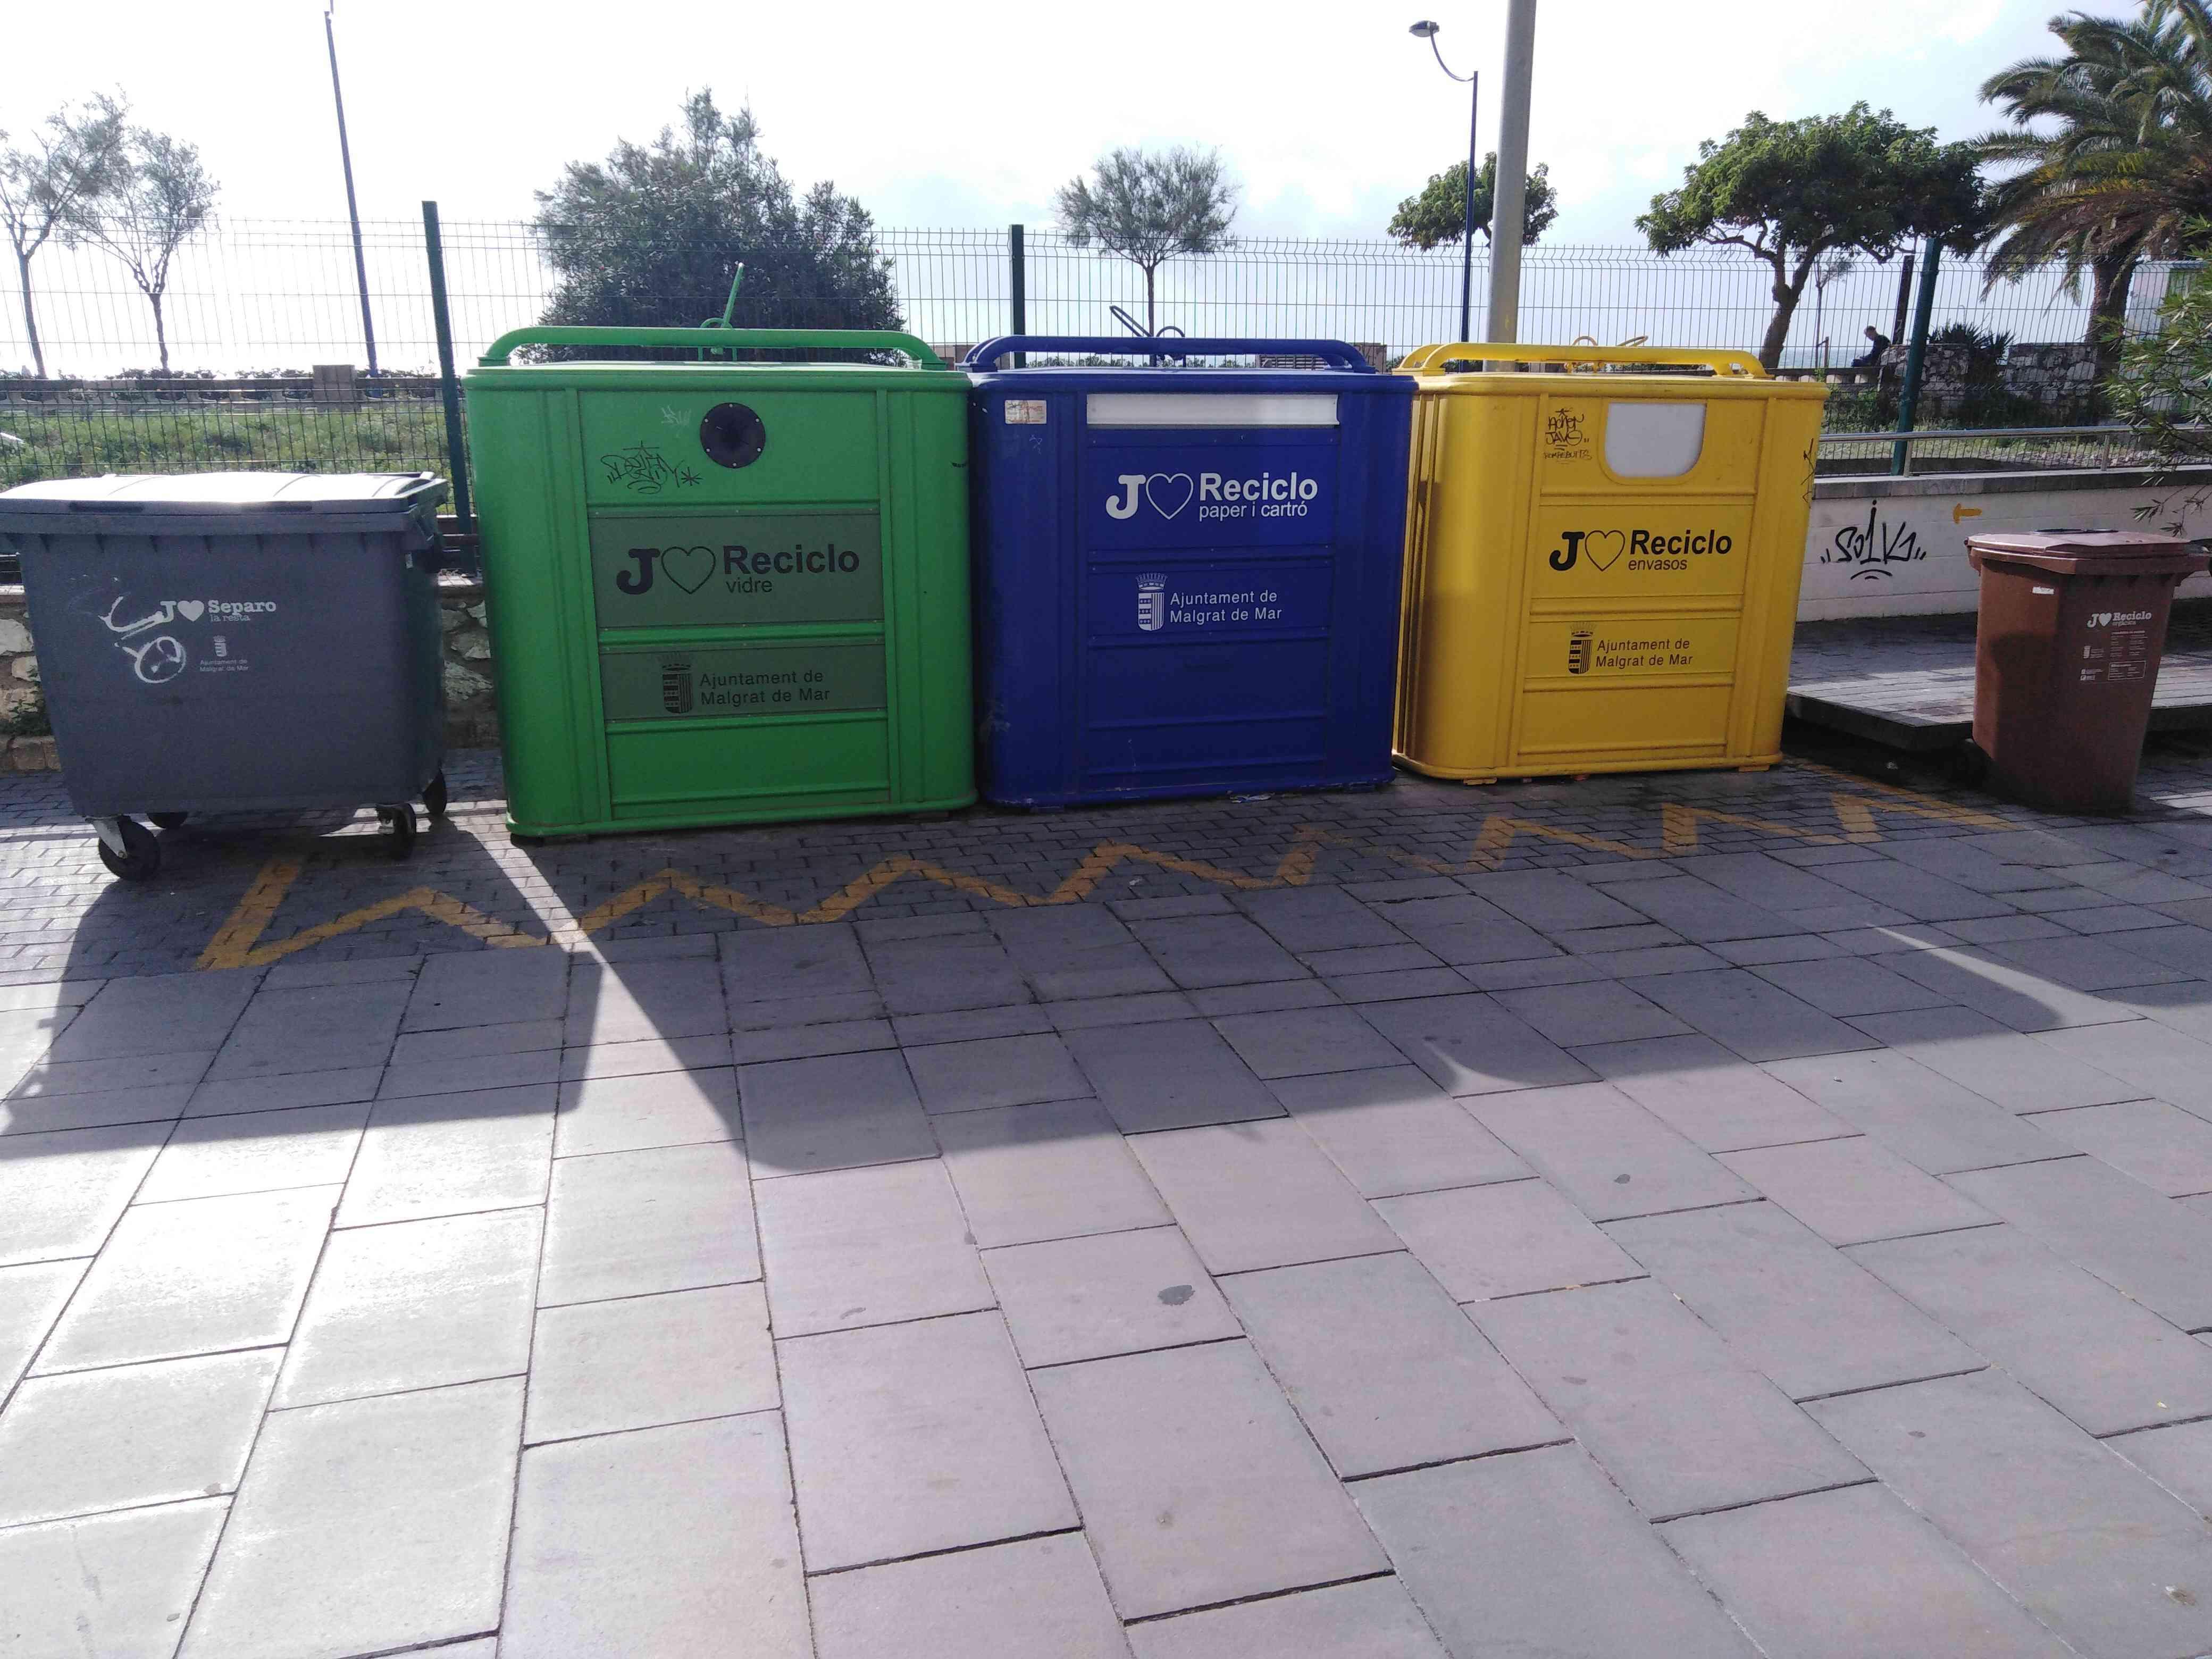 wywoz odpadow barcelona 1 - Zbiórka odpadów w Hiszpanii